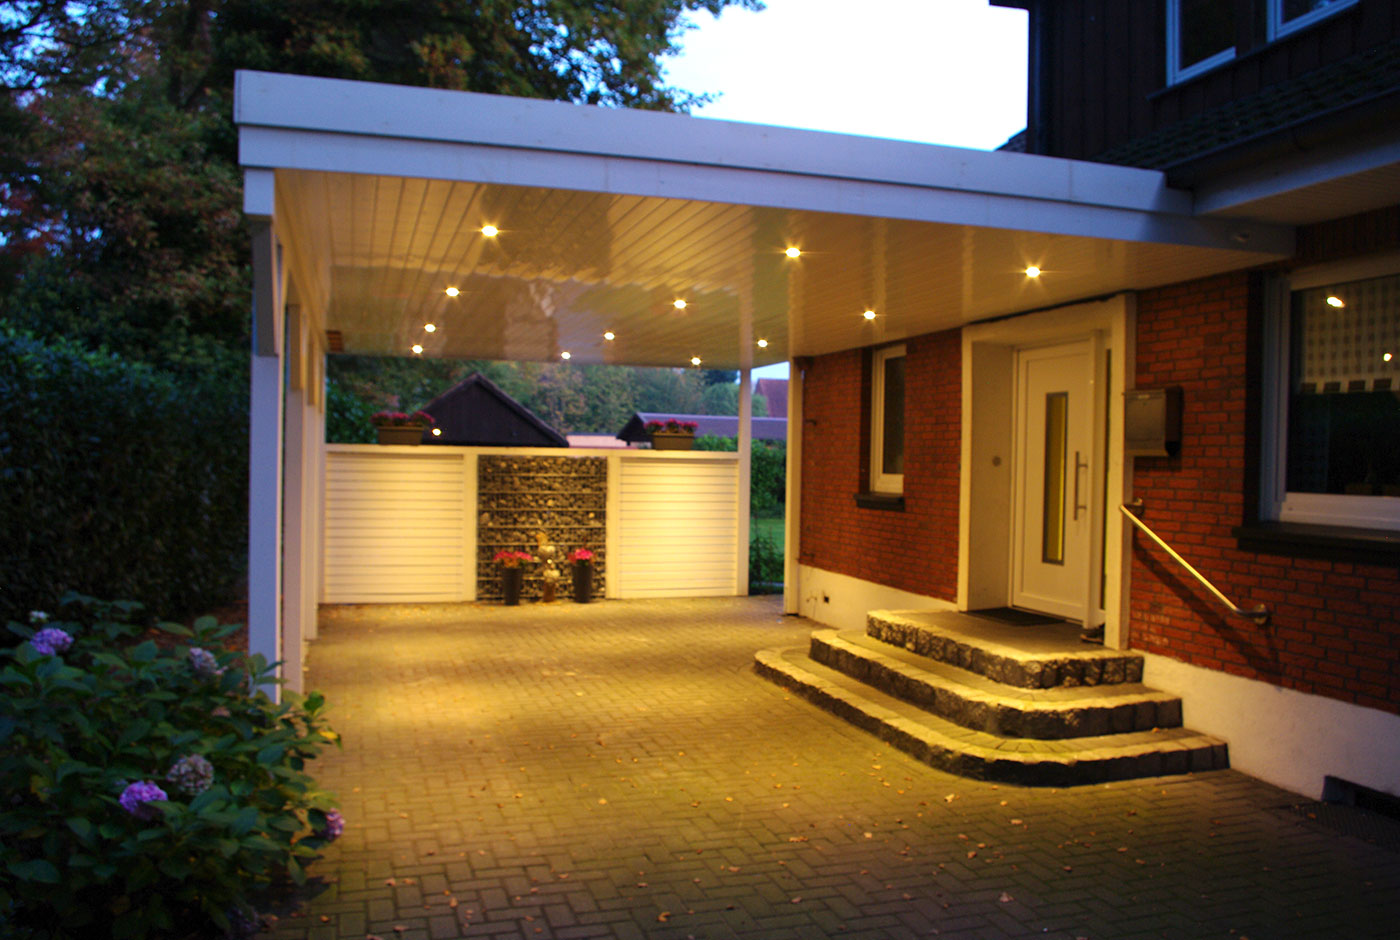 Haus Eingang carport und hauseingang kombinieren so muss das